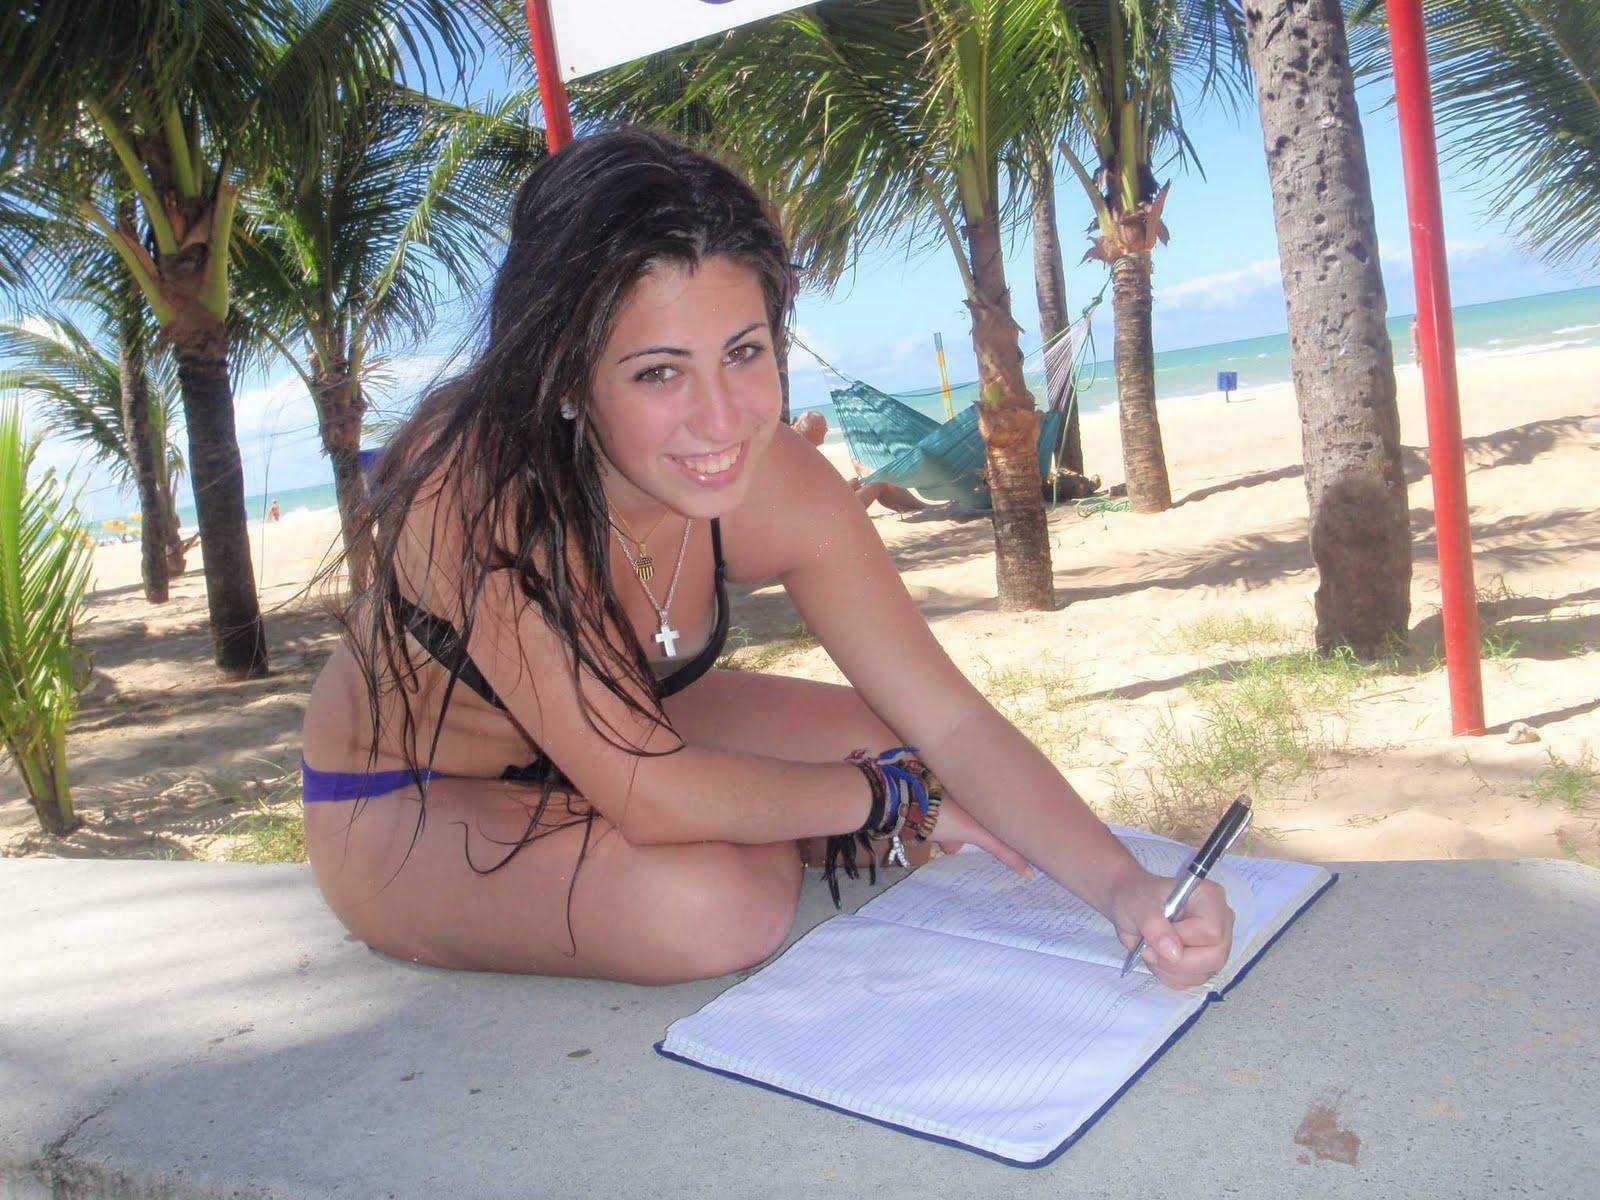 http://2.bp.blogspot.com/-YMHrIehB_J8/TgtOJ8oefzI/AAAAAAAACKA/ZD-MztOOoT0/s1600/1.0+CUMPLEA%25C3%2591OS+DE+FABIANA+MARTINEZ.JPG